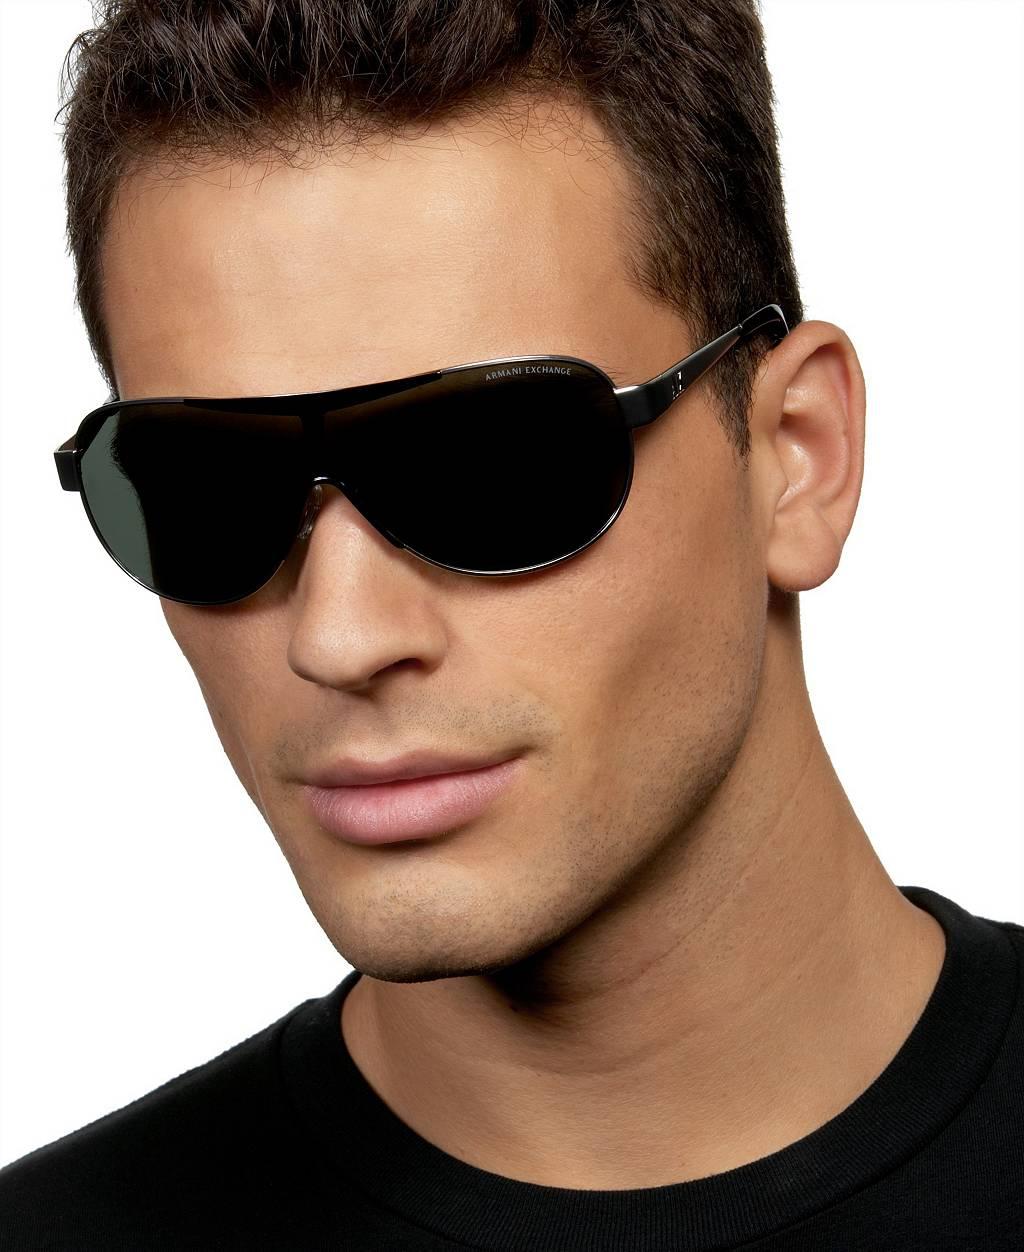 fb1048077e7f Подбор отличных солнцезащитных очков под Ваш стиль!